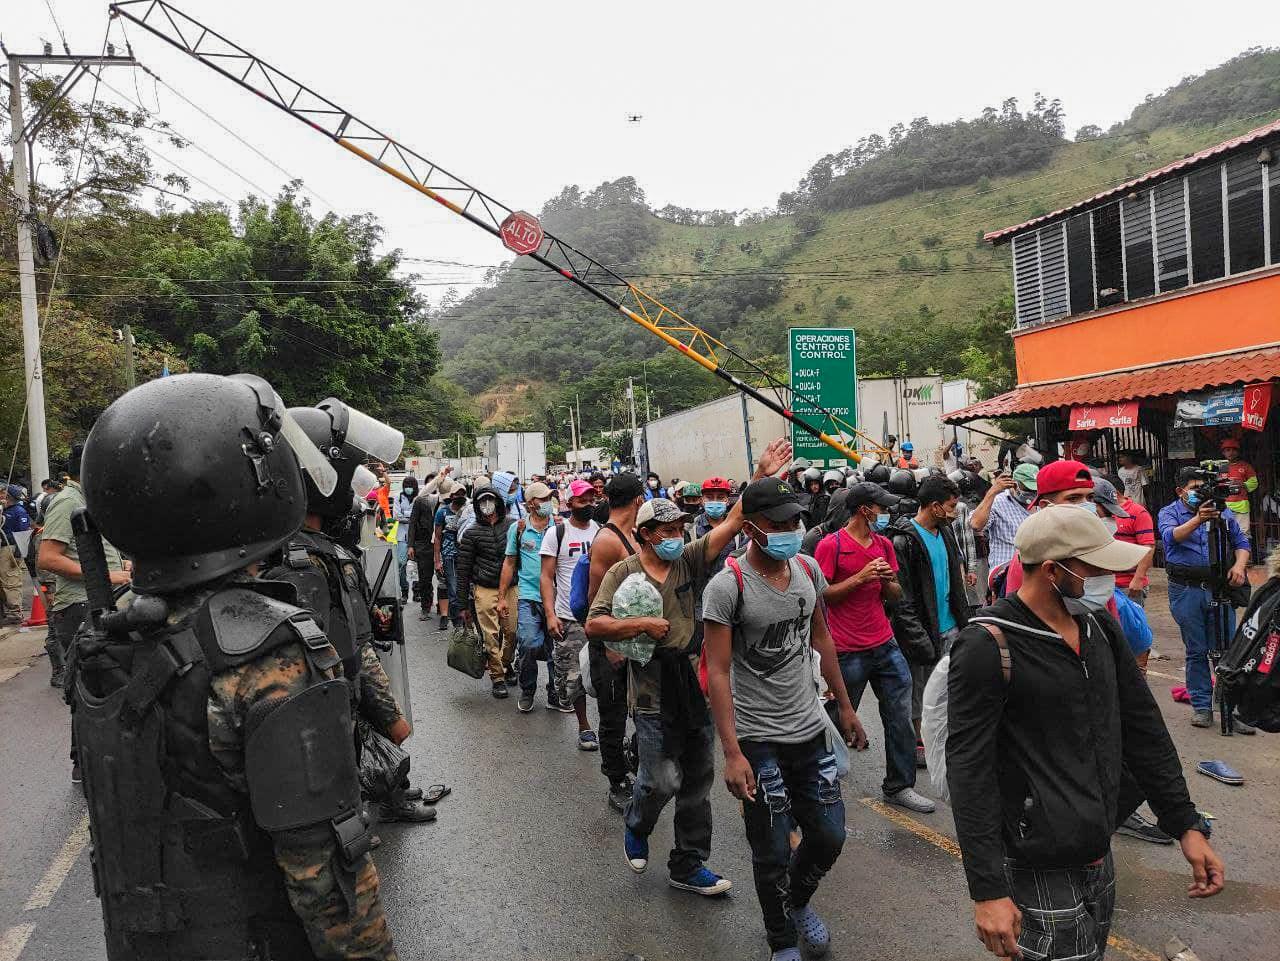 Militares guatemaltecos observan a los integrantes de la caravana que ingresan al territorio de Guatemala. El Gobierno del país vecino lamentó a través de un comunicado la transgresión de su frontera y solicitó a Honduras tomar medidas para contener el flujo migratorio. El Florido, frontera de Honduras y Guatemala, 16 de enero de 2021. Foto: Deiby Yánes.